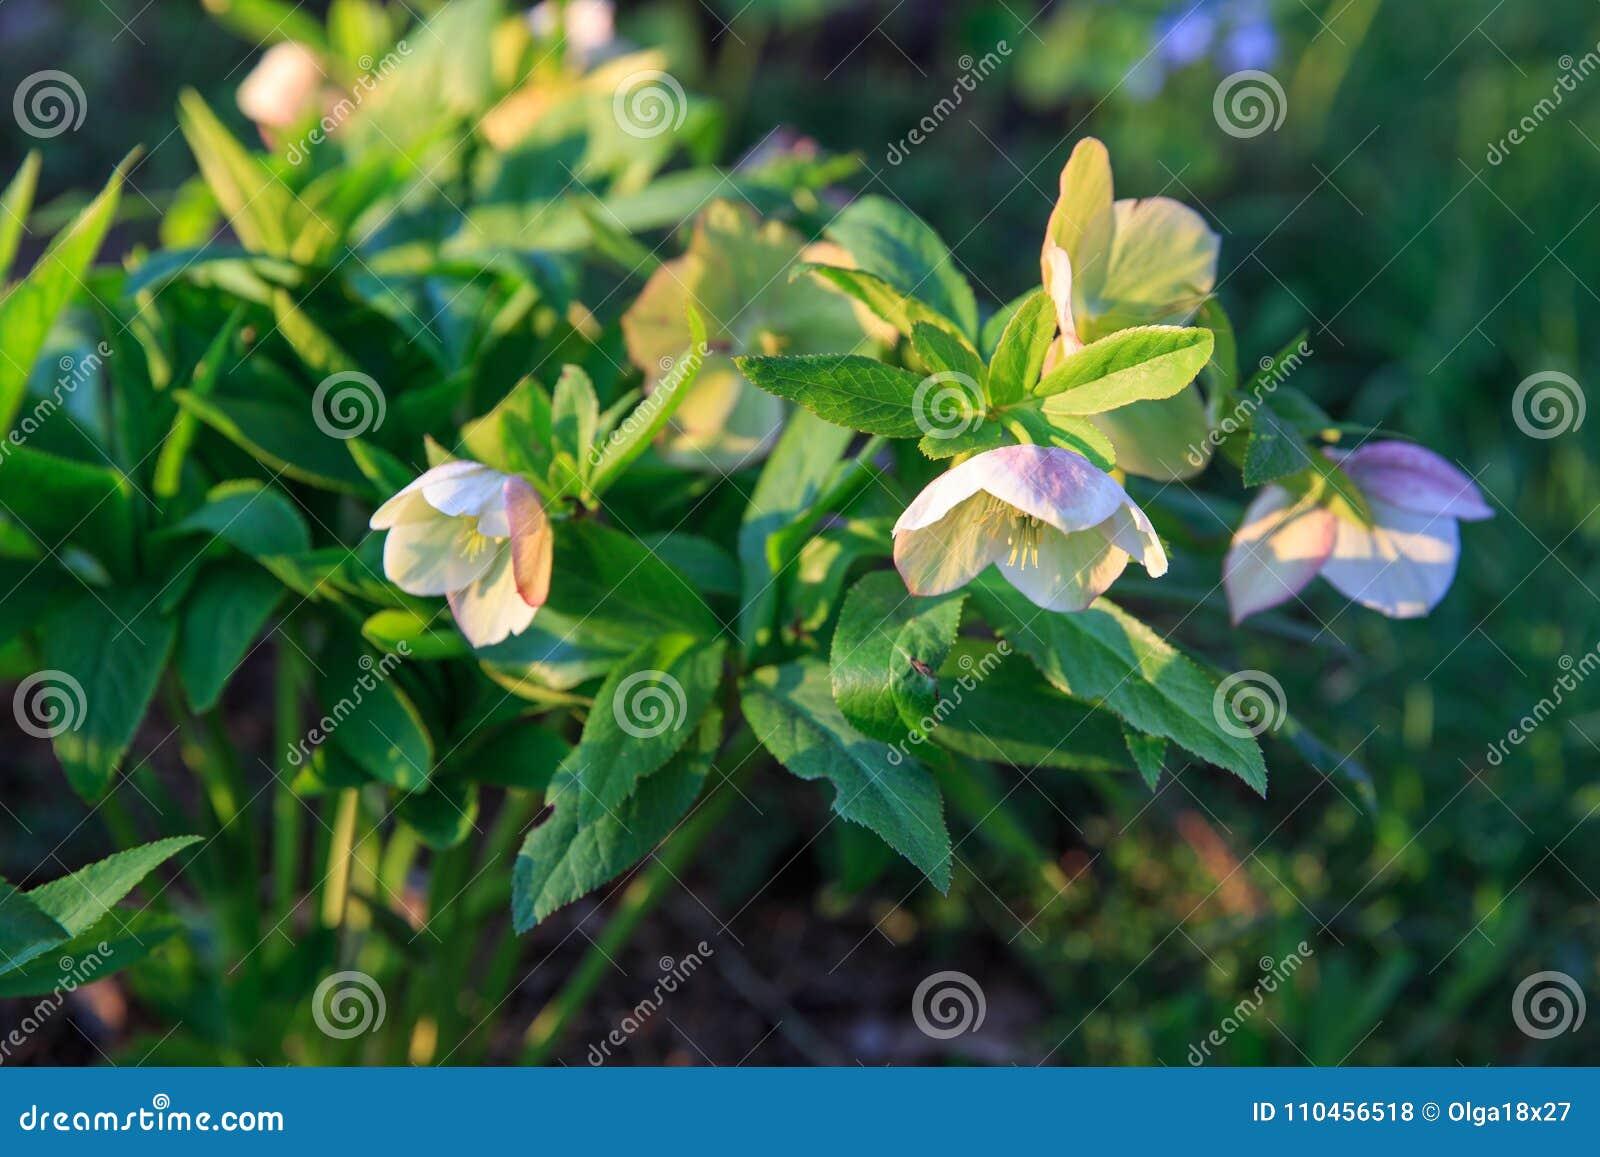 Helleborushybridus för vit hellebore med purpurfärgade fläckar i en trädgård